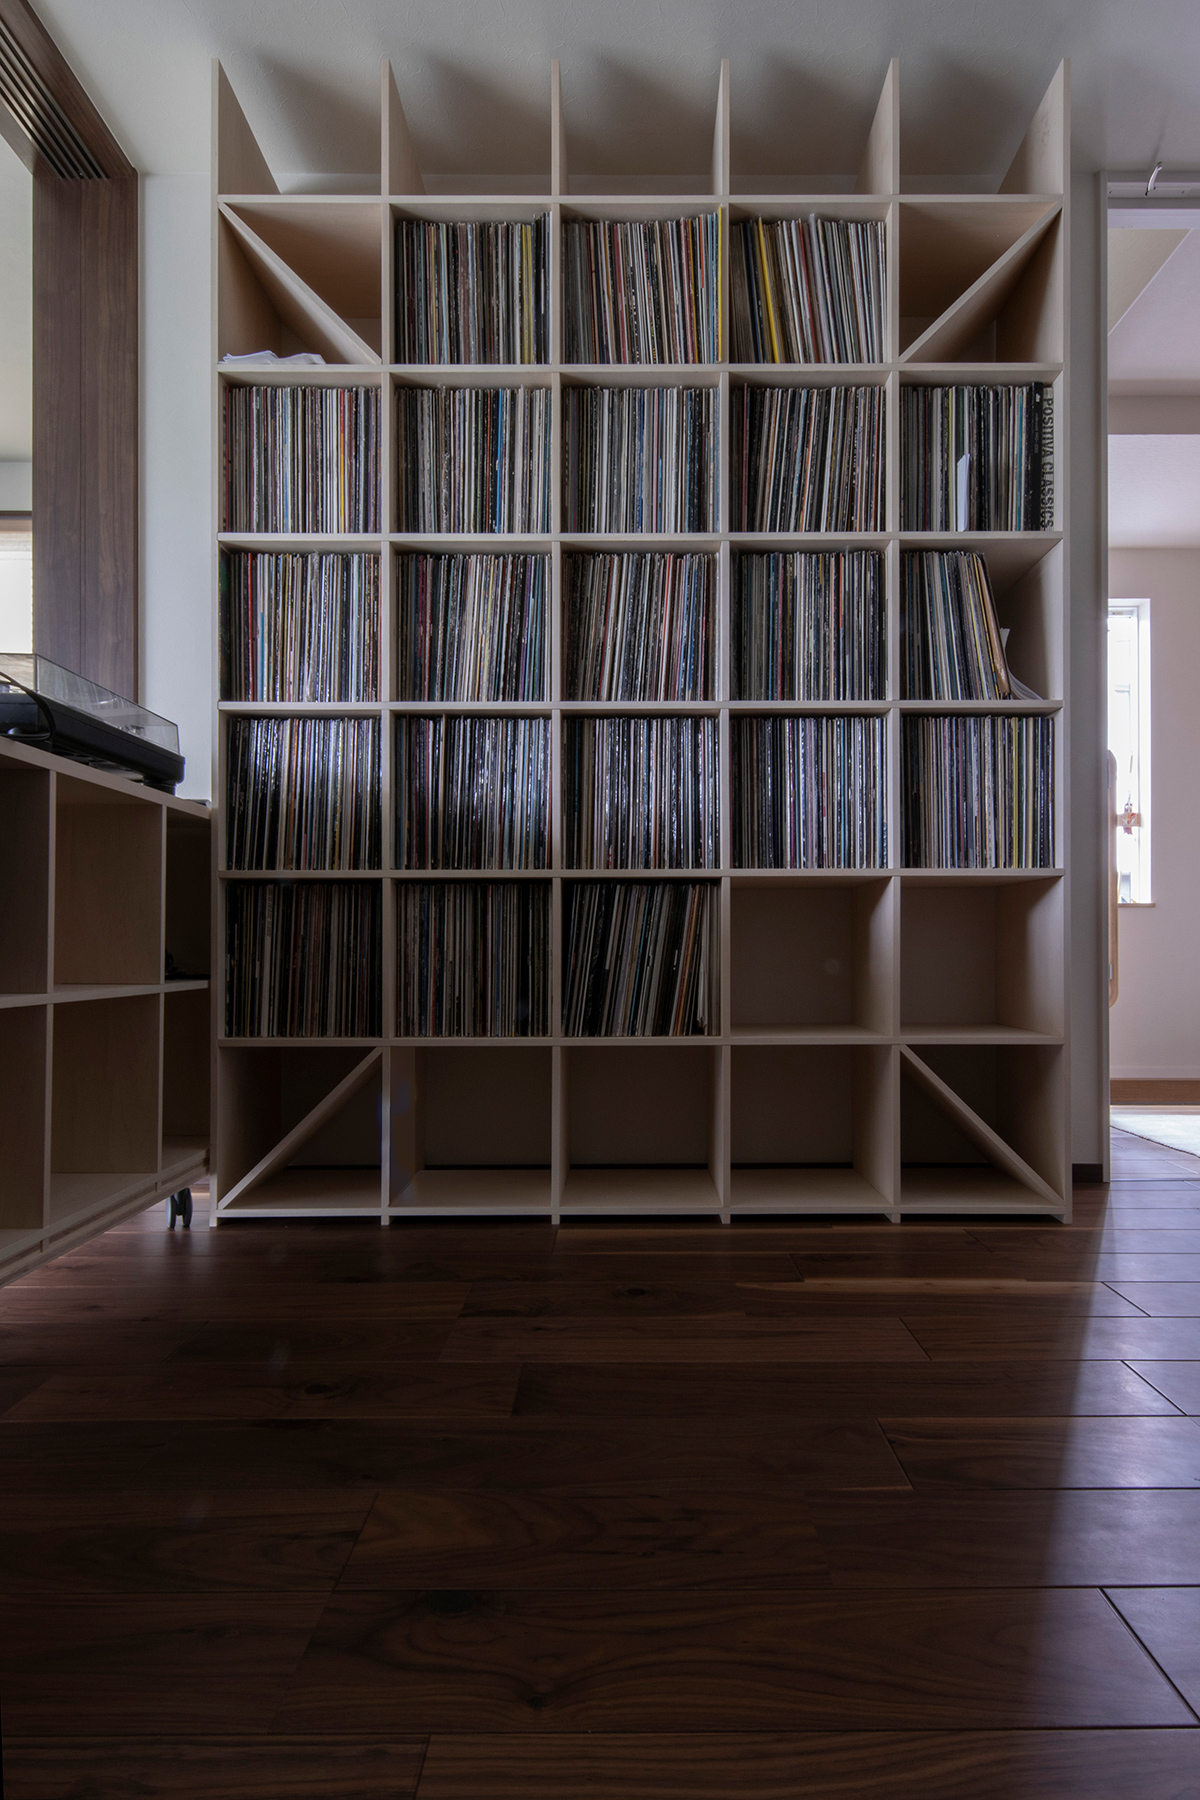 コンパクトに折りたためる音楽室   壁一面の本棚 奥行350mm / Shelf (No.126)   マルゲリータ使用例 シンプル おしゃれ 部屋 インテリア レイアウト